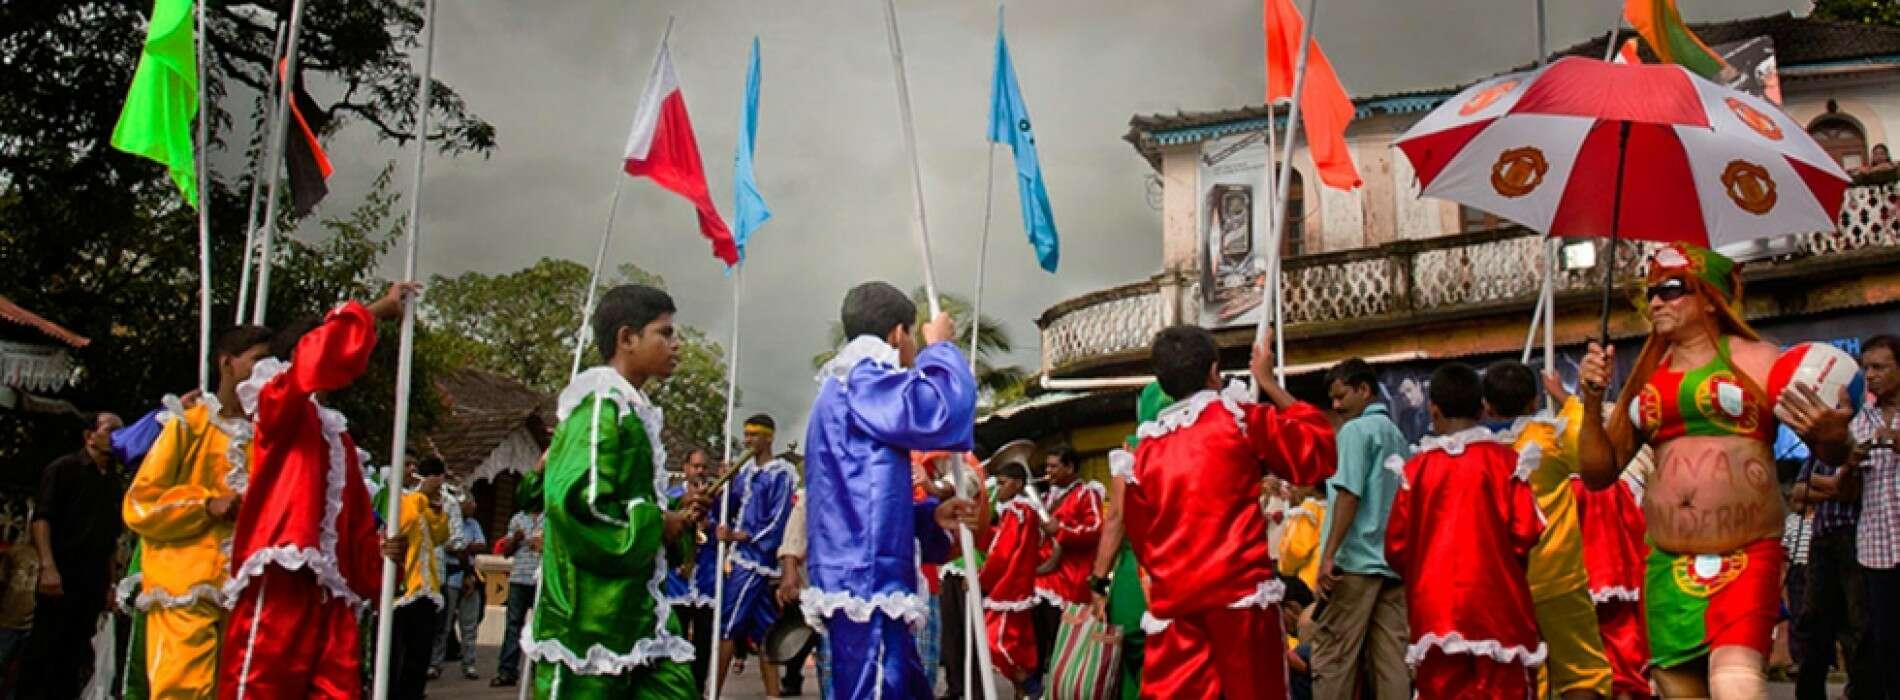 places to visit in goa bonderam festival